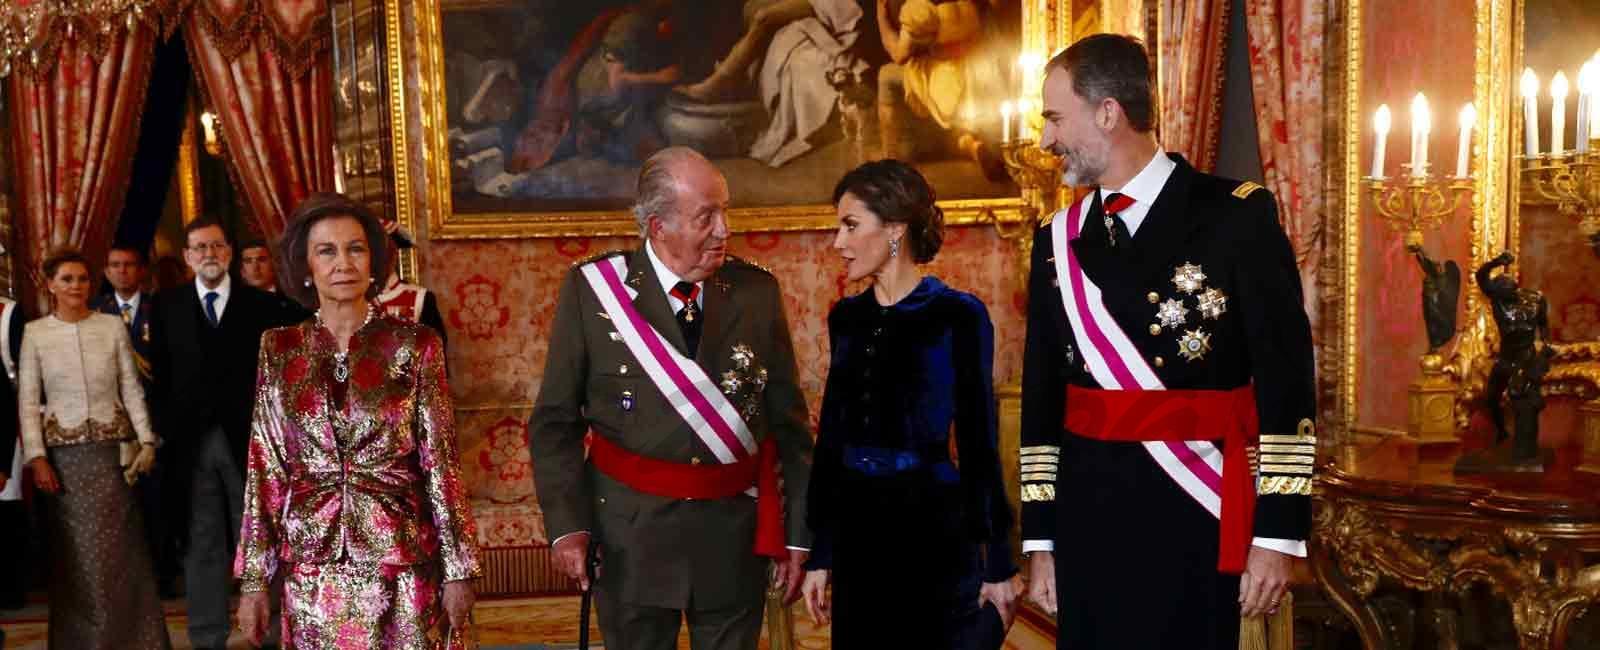 Los Reyes Felipe y Letizia presiden la Pascua Militar con los Reyes Eméritos